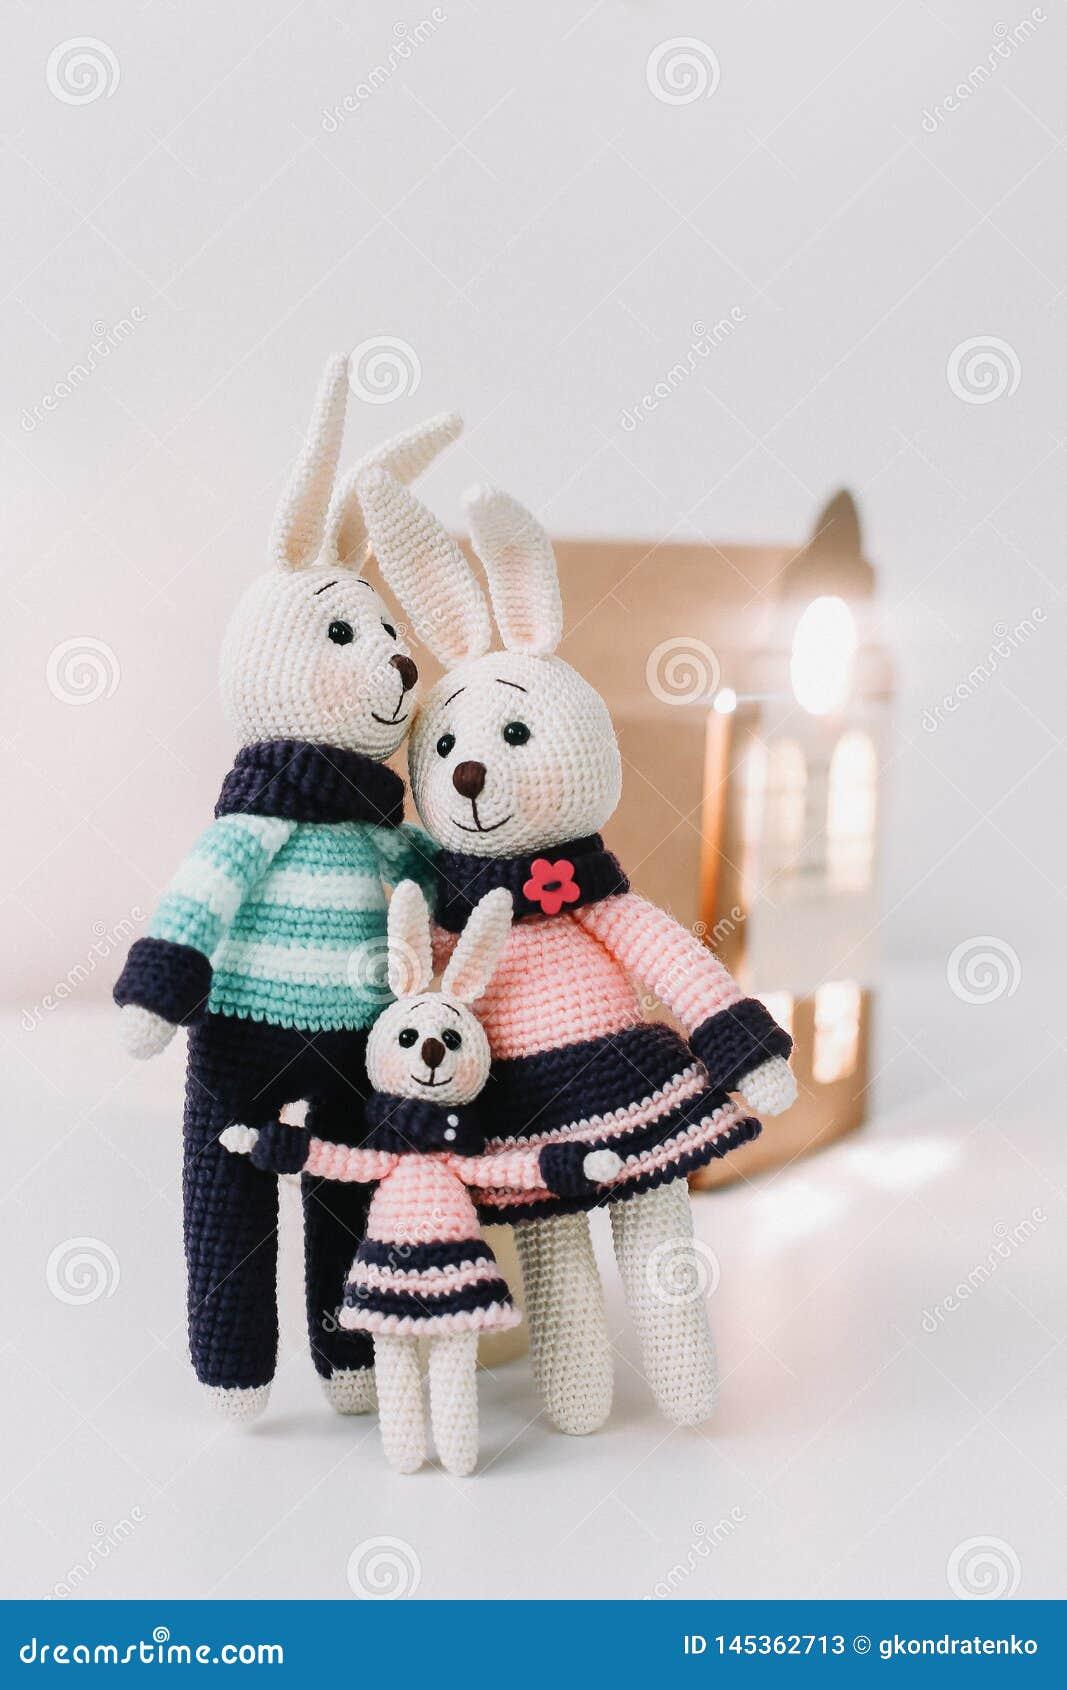 Bunny family crochet toys – free patterns (Amigurumi Today ... | 1689x1066